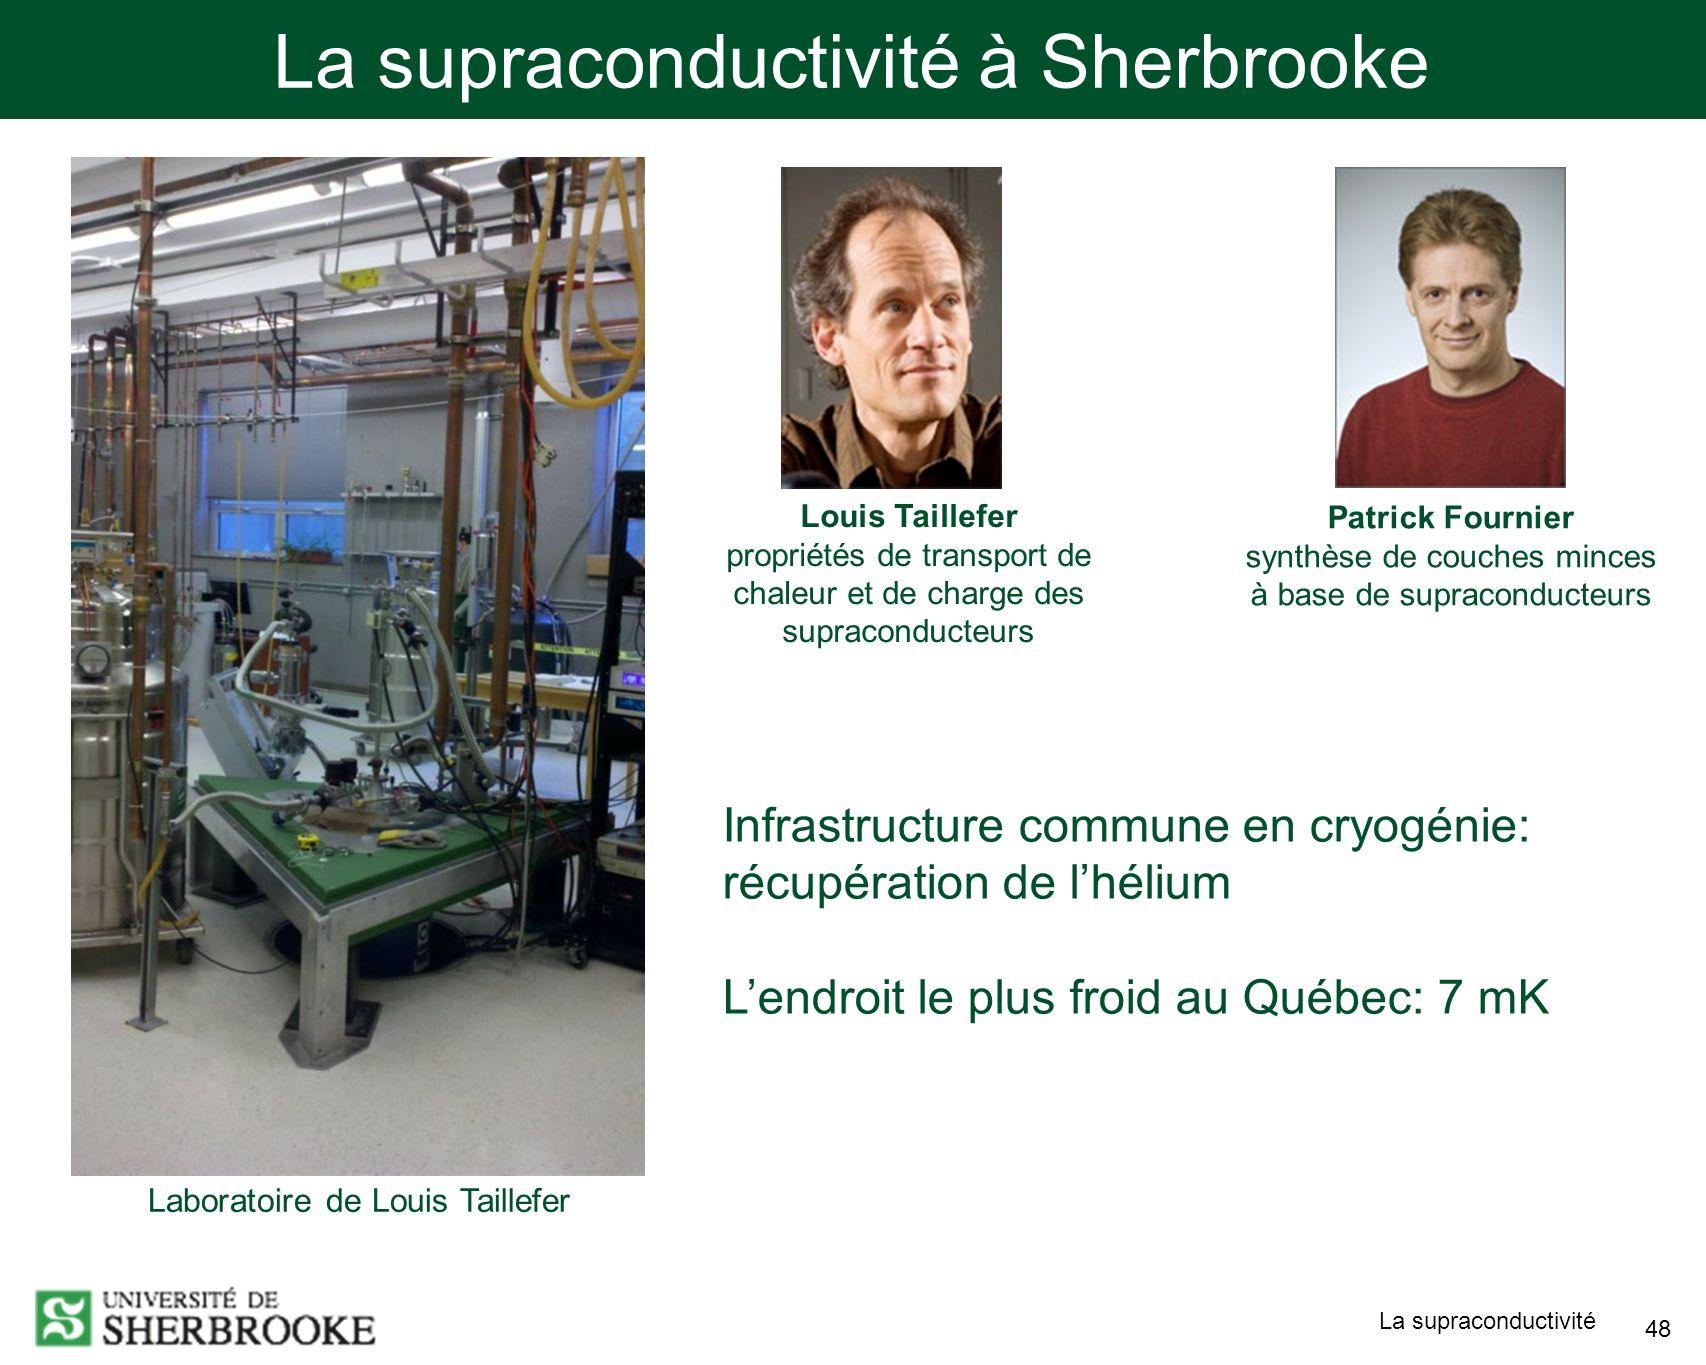 La supraconductivité 48 La supraconductivité à Sherbrooke Laboratoire de Louis Taillefer Infrastructure commune en cryogénie: récupération de lhélium Lendroit le plus froid au Québec: 7 mK Louis Taillefer propriétés de transport de chaleur et de charge des supraconducteurs Patrick Fournier synthèse de couches minces à base de supraconducteurs